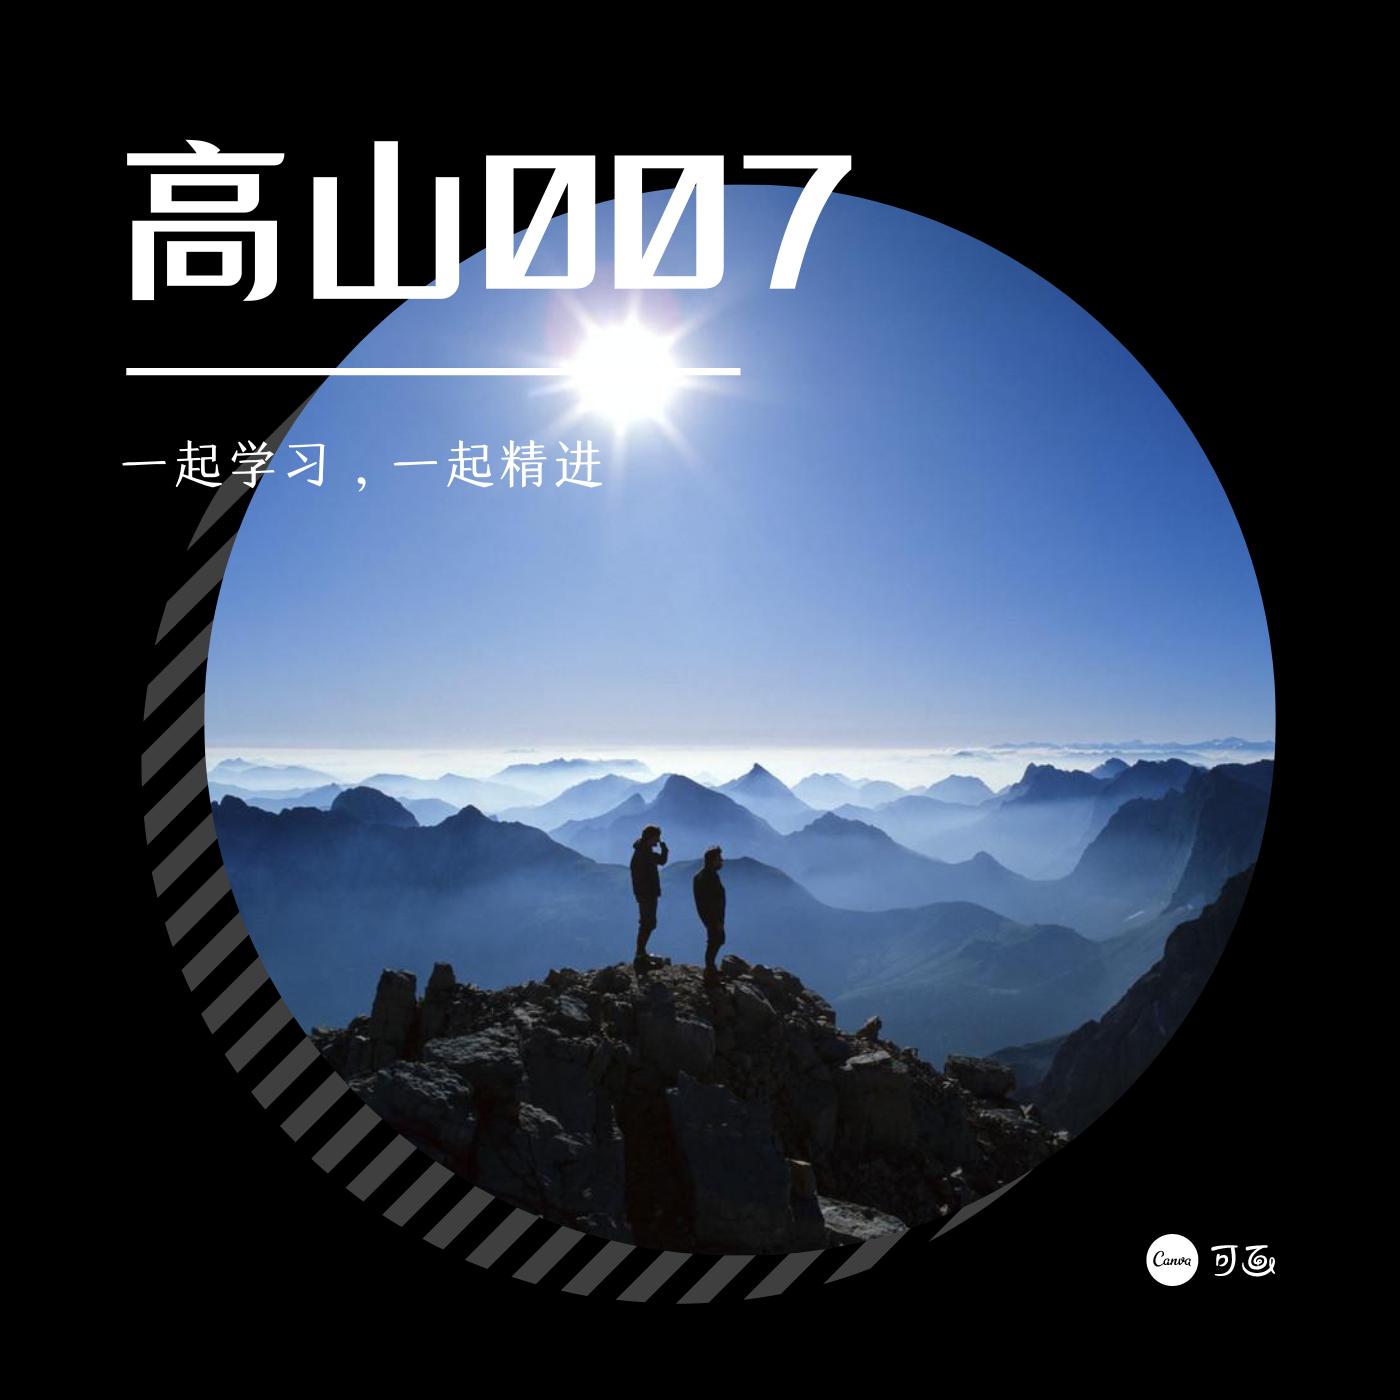 高山007